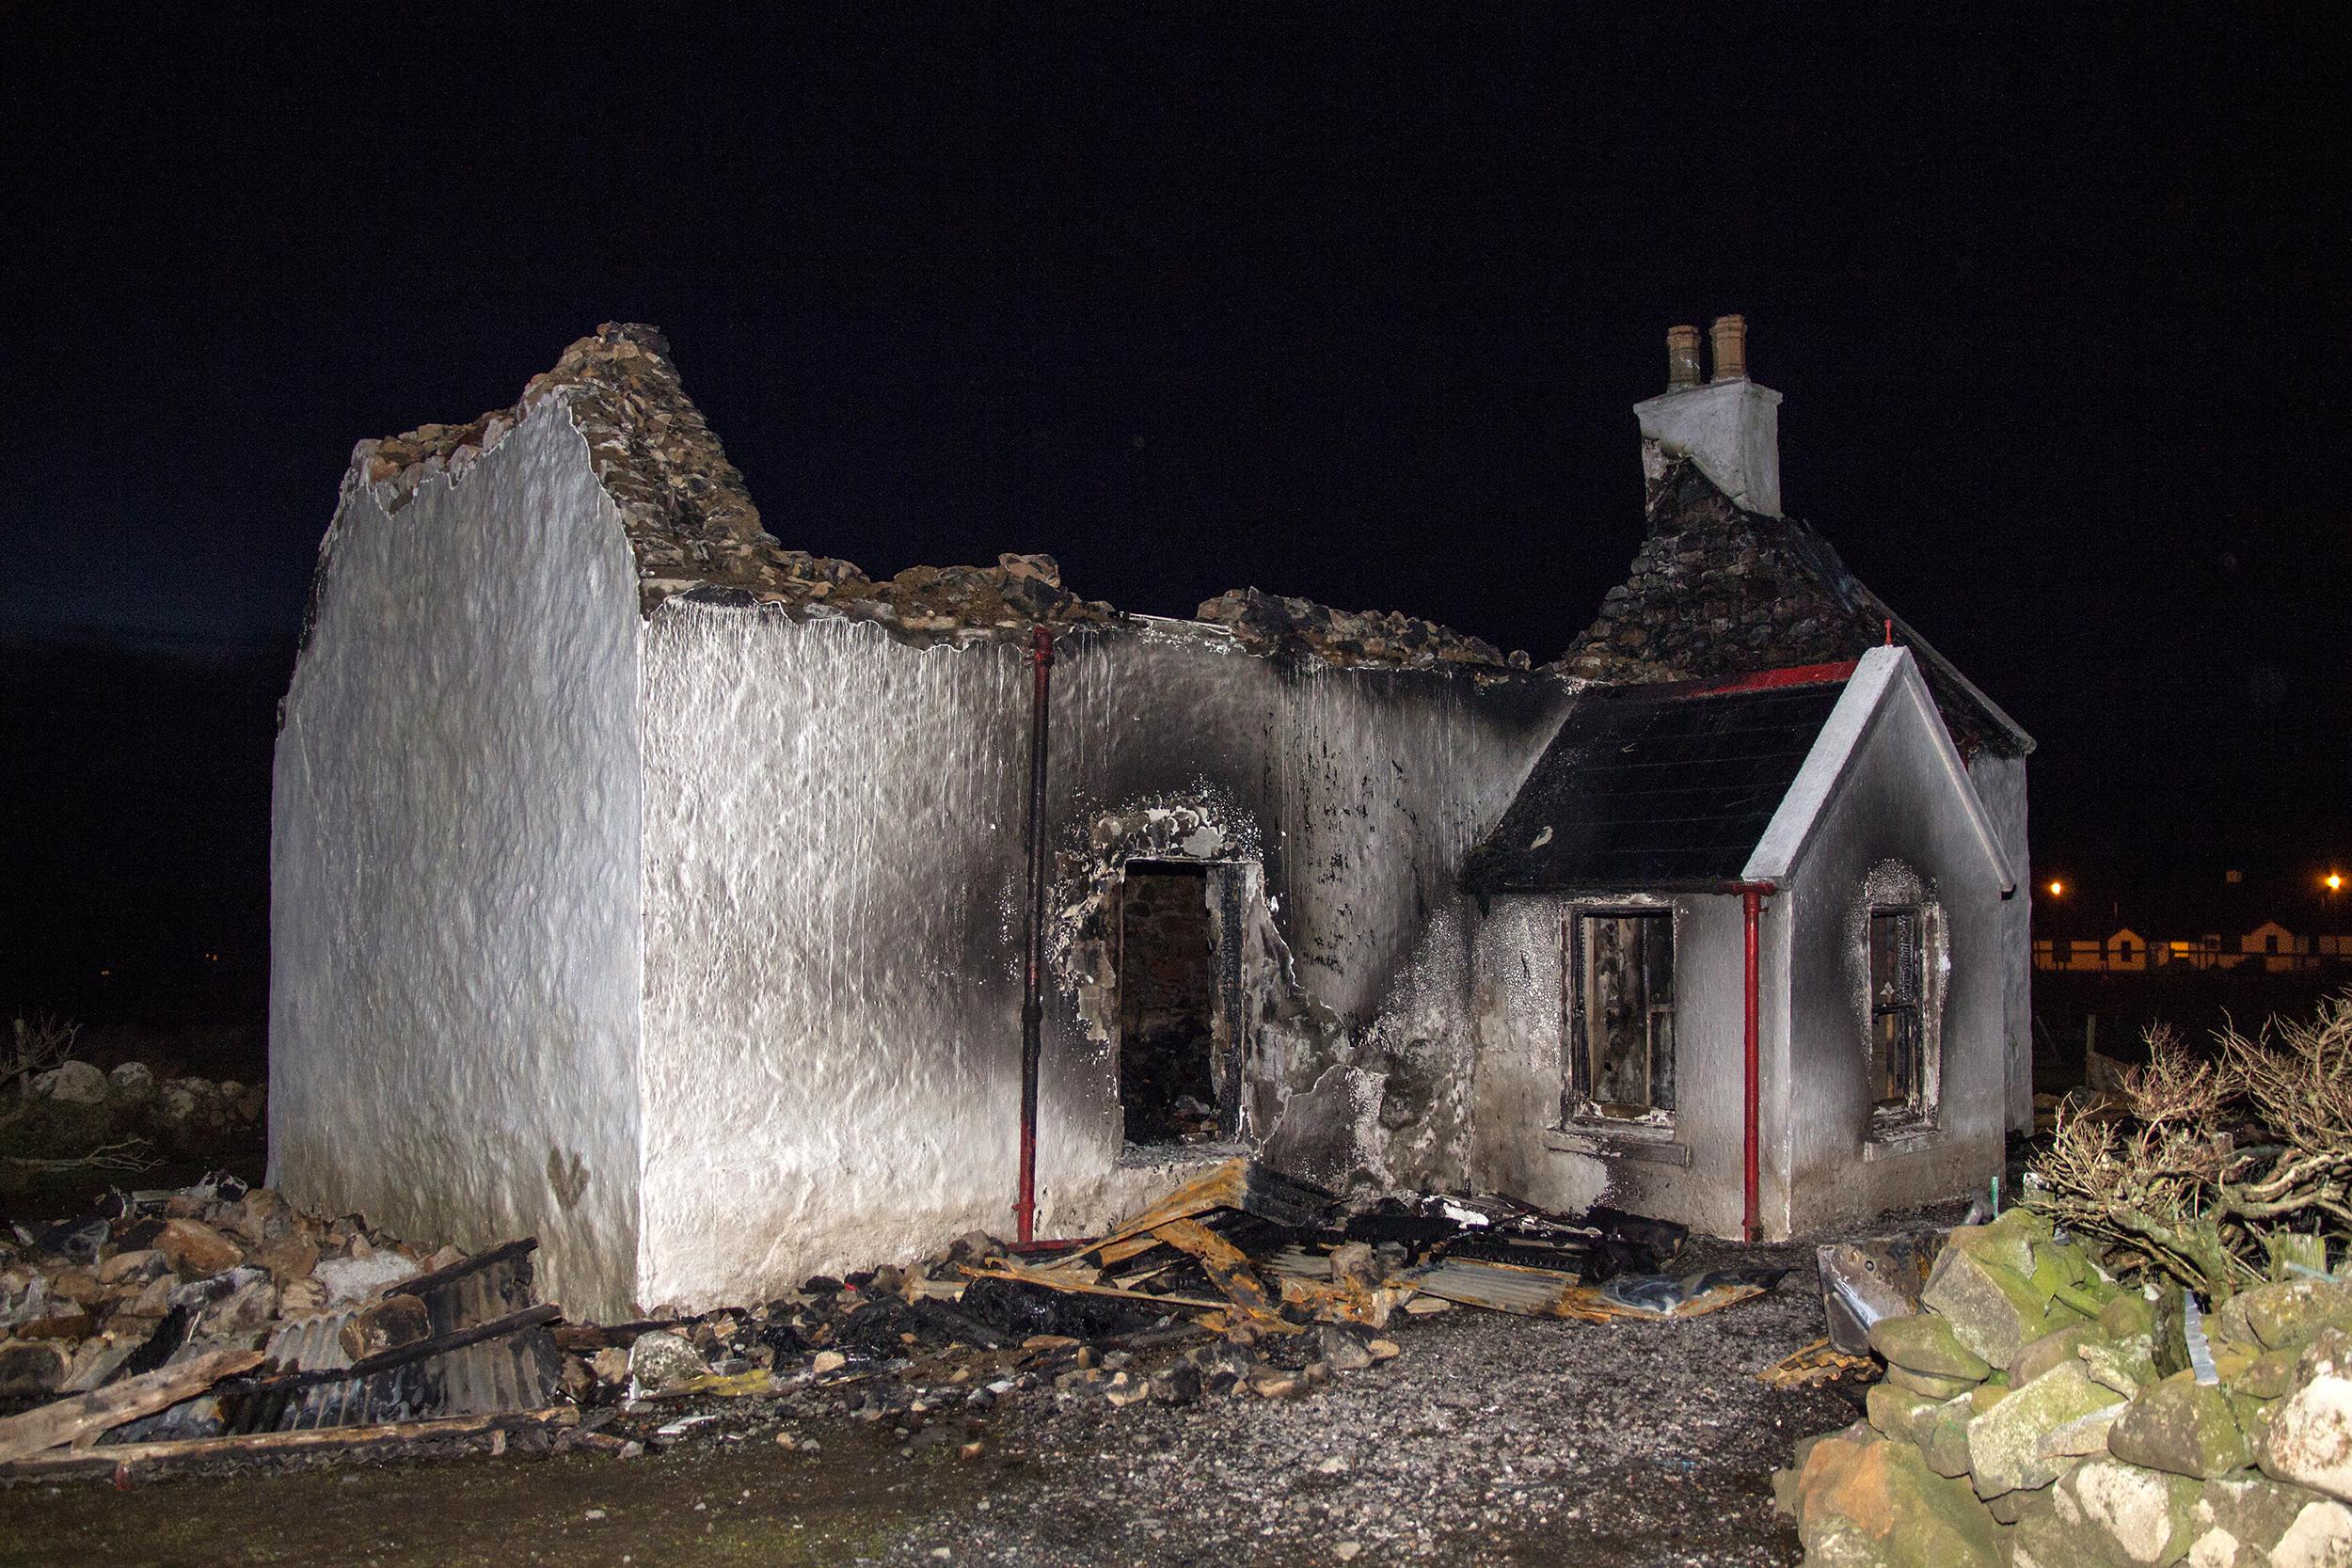 The ruined house on Isle of Skye